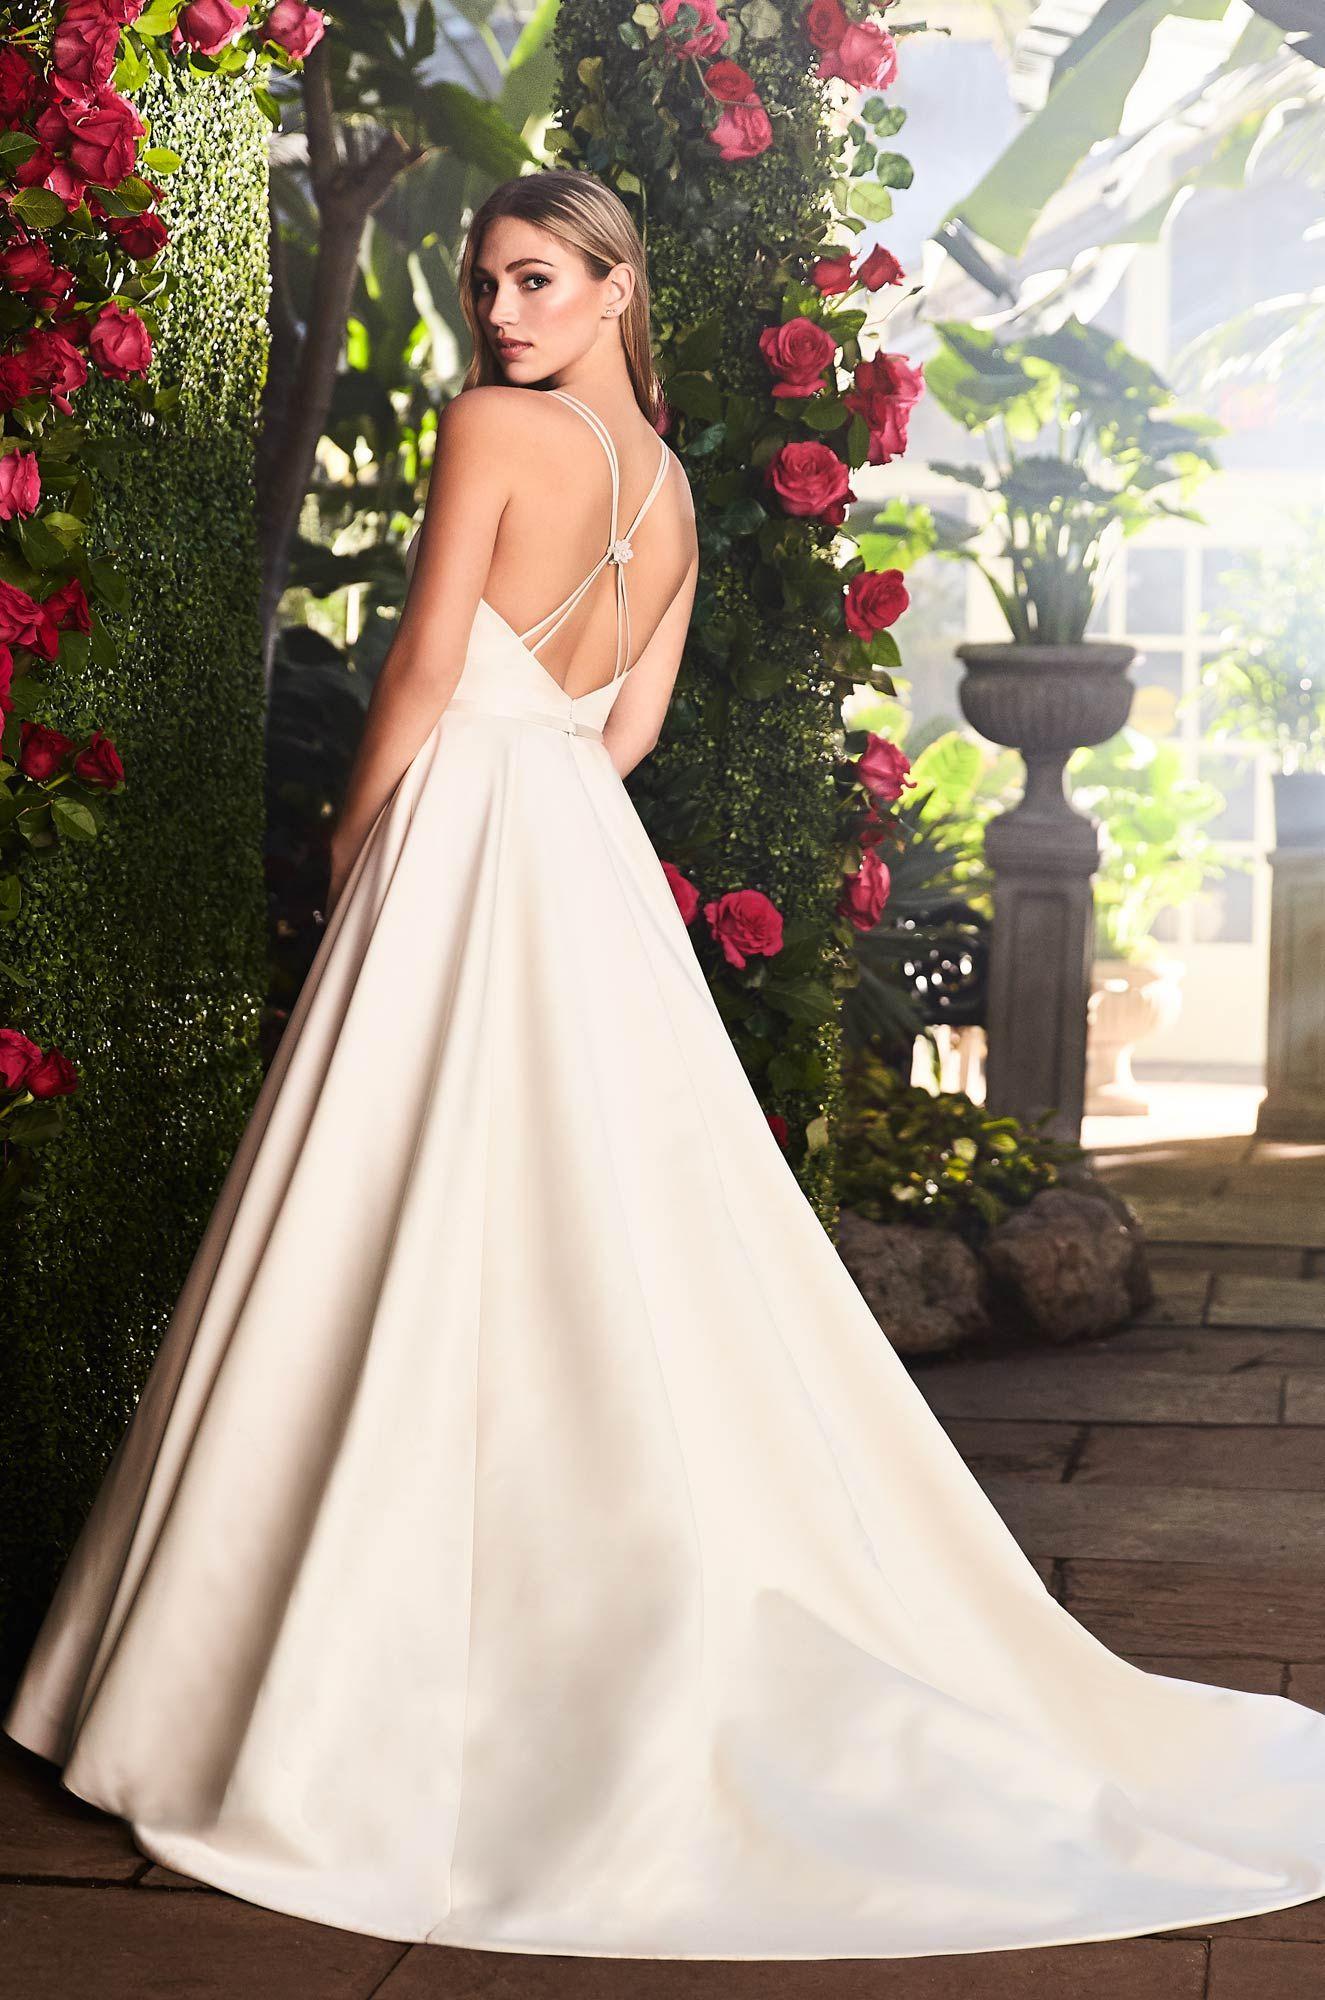 Spaghetti Strap Vneckline Satin Aline Wedding Gown With